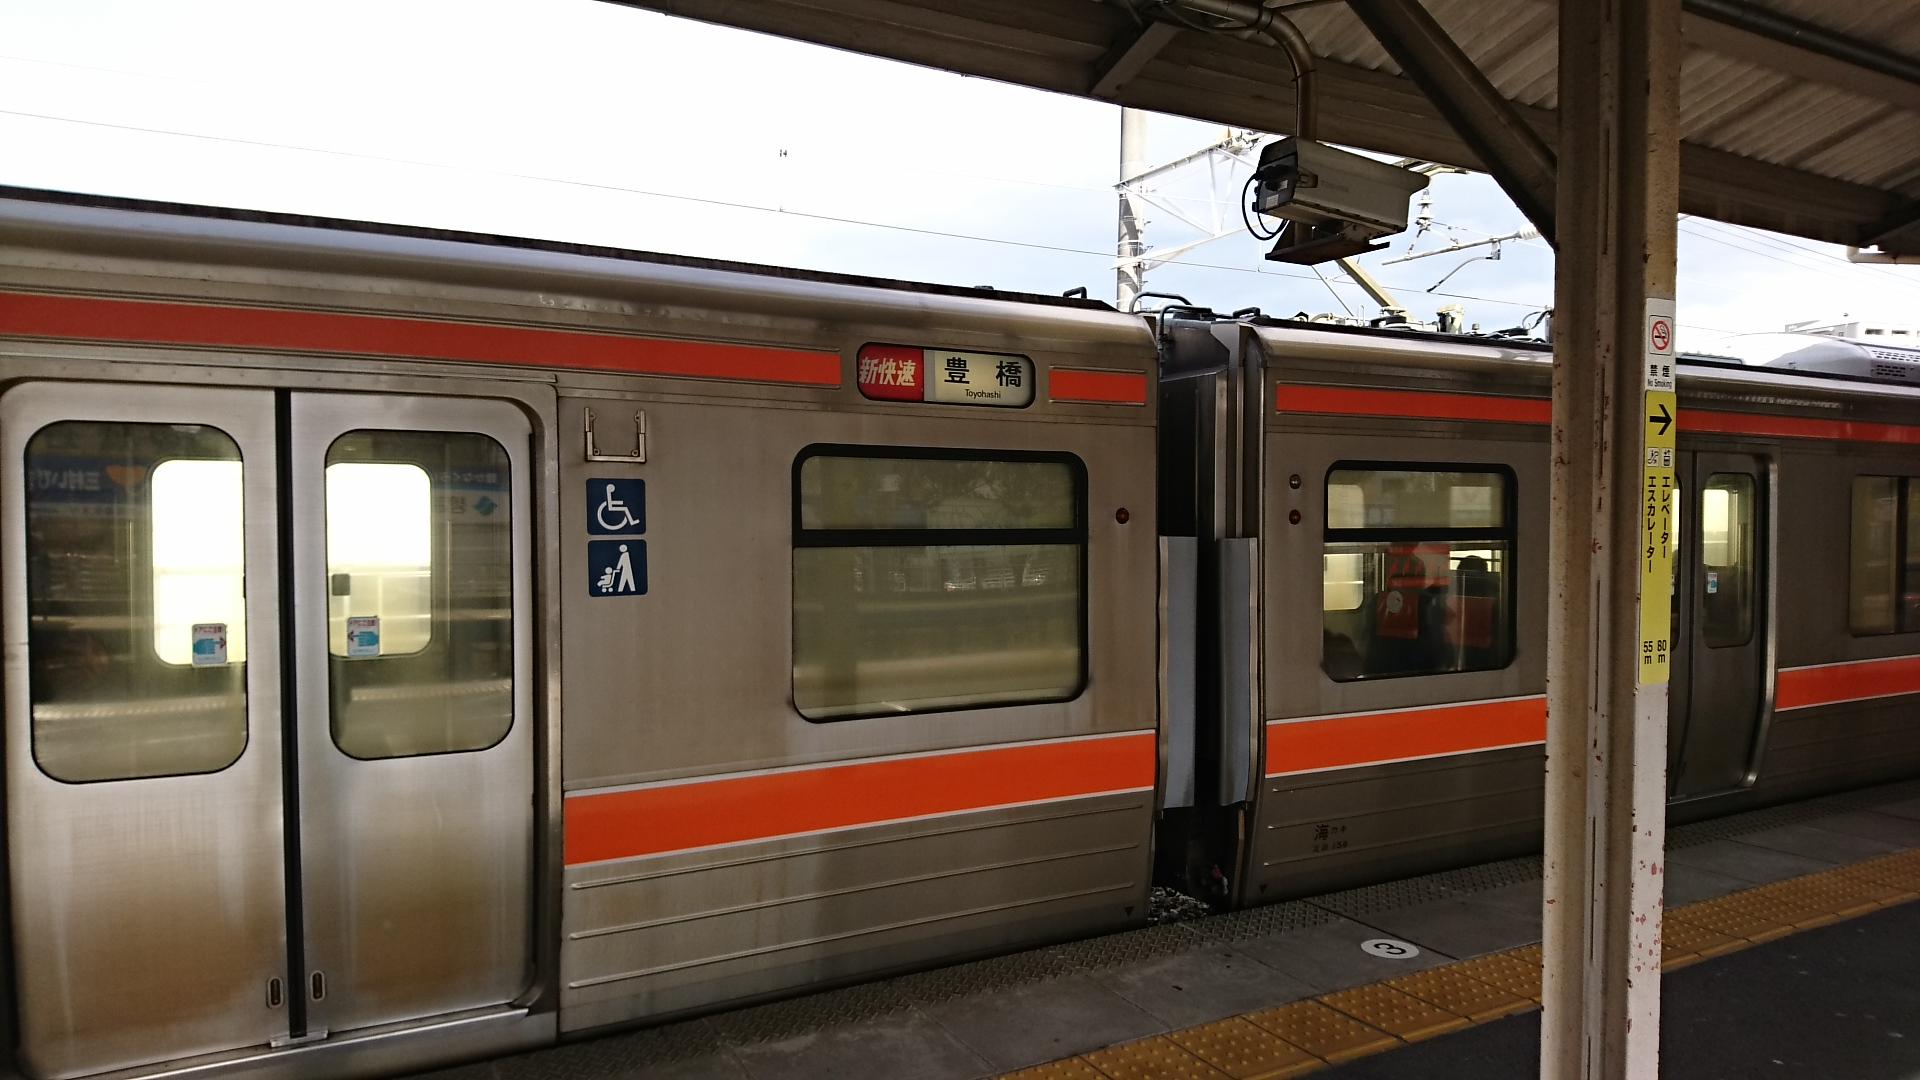 2018.1.18 豊橋いき新快速 (6) クハ312-21 1920-1080